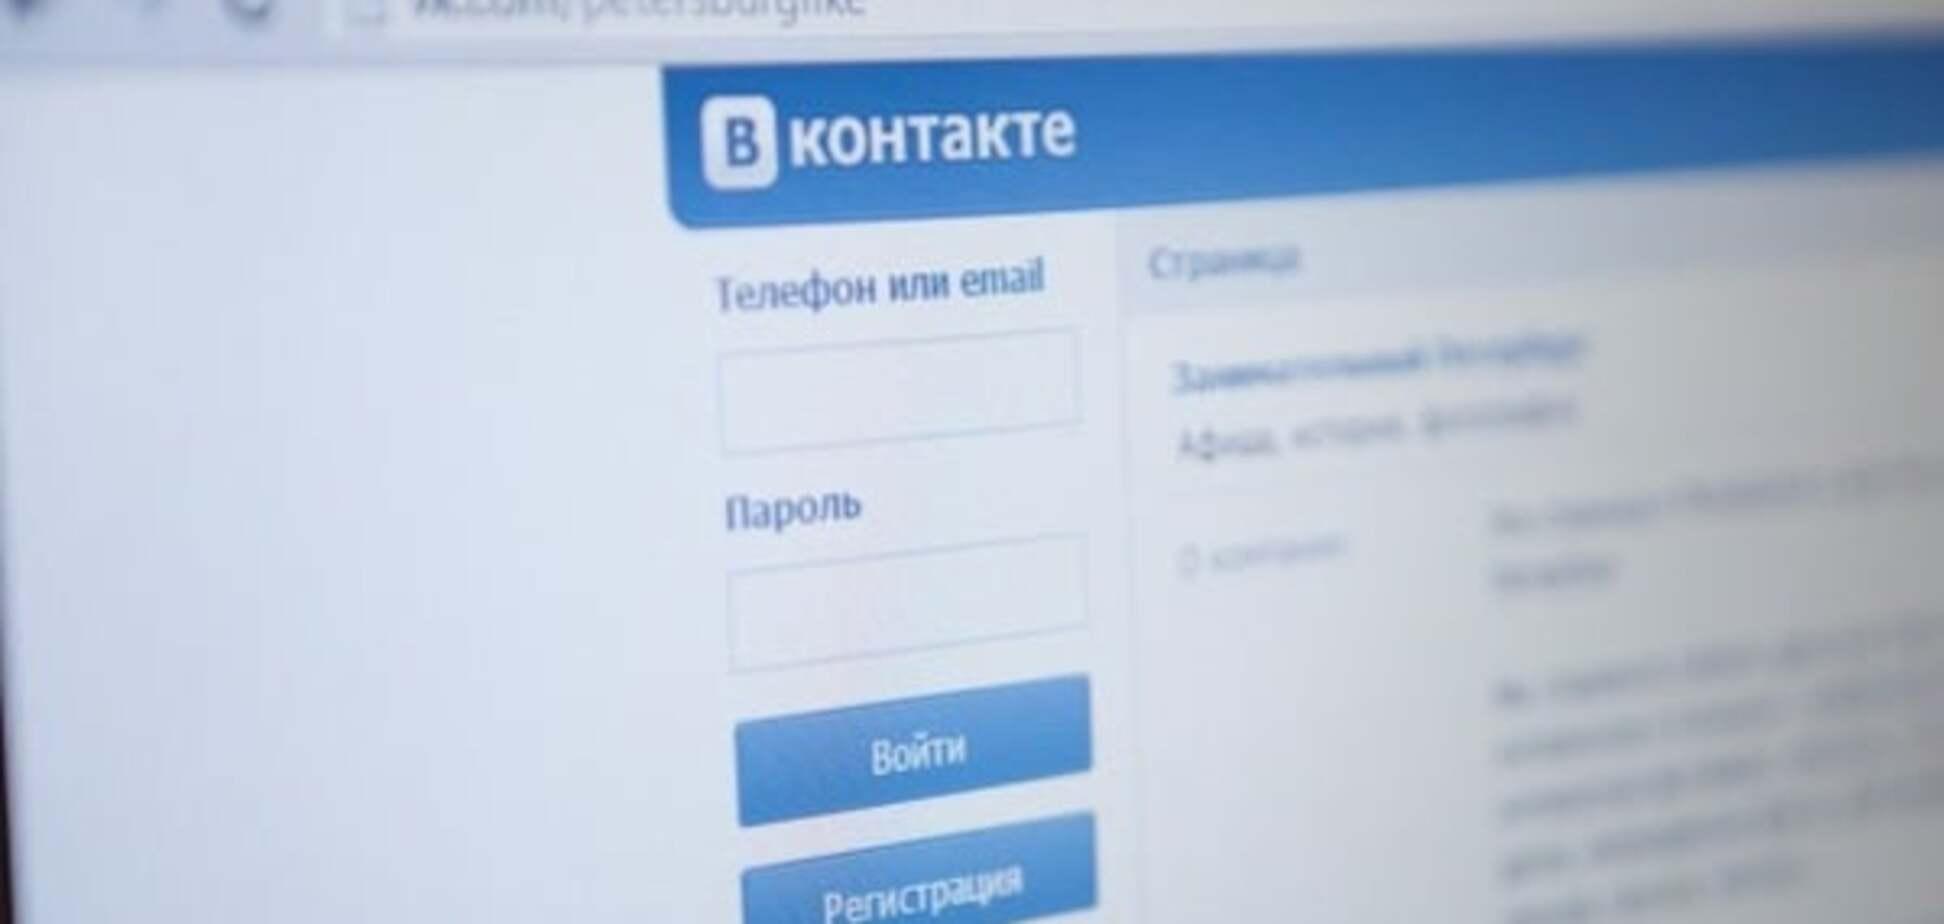 Допостився: українець потрапив під суд за антиукраїнські заклики у 'ВКонтакте'